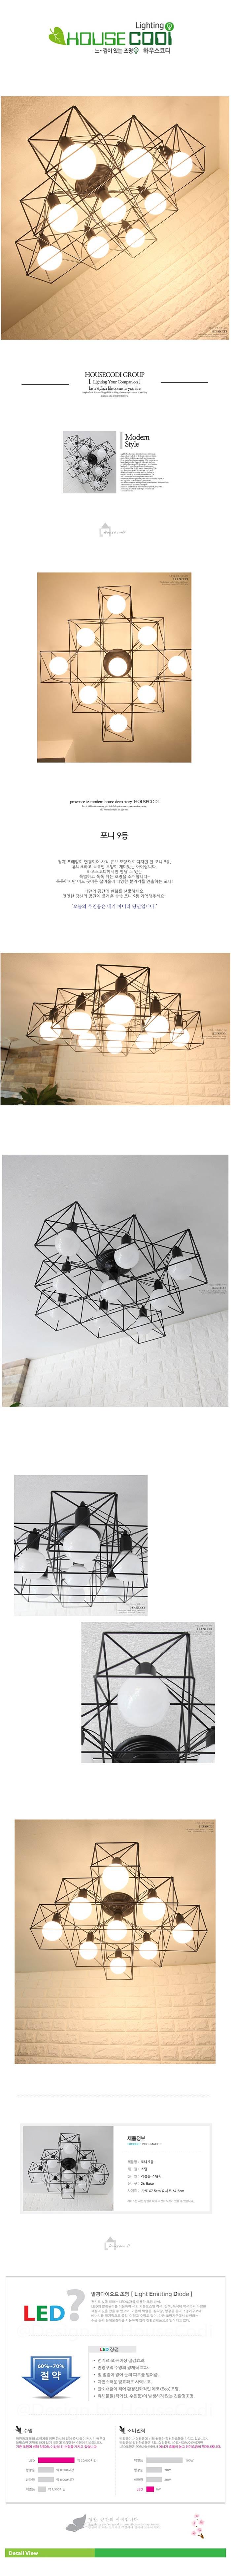 포니 9등 직부등 - 하우스코디, 145,000원, 디자인조명, 팬던트조명